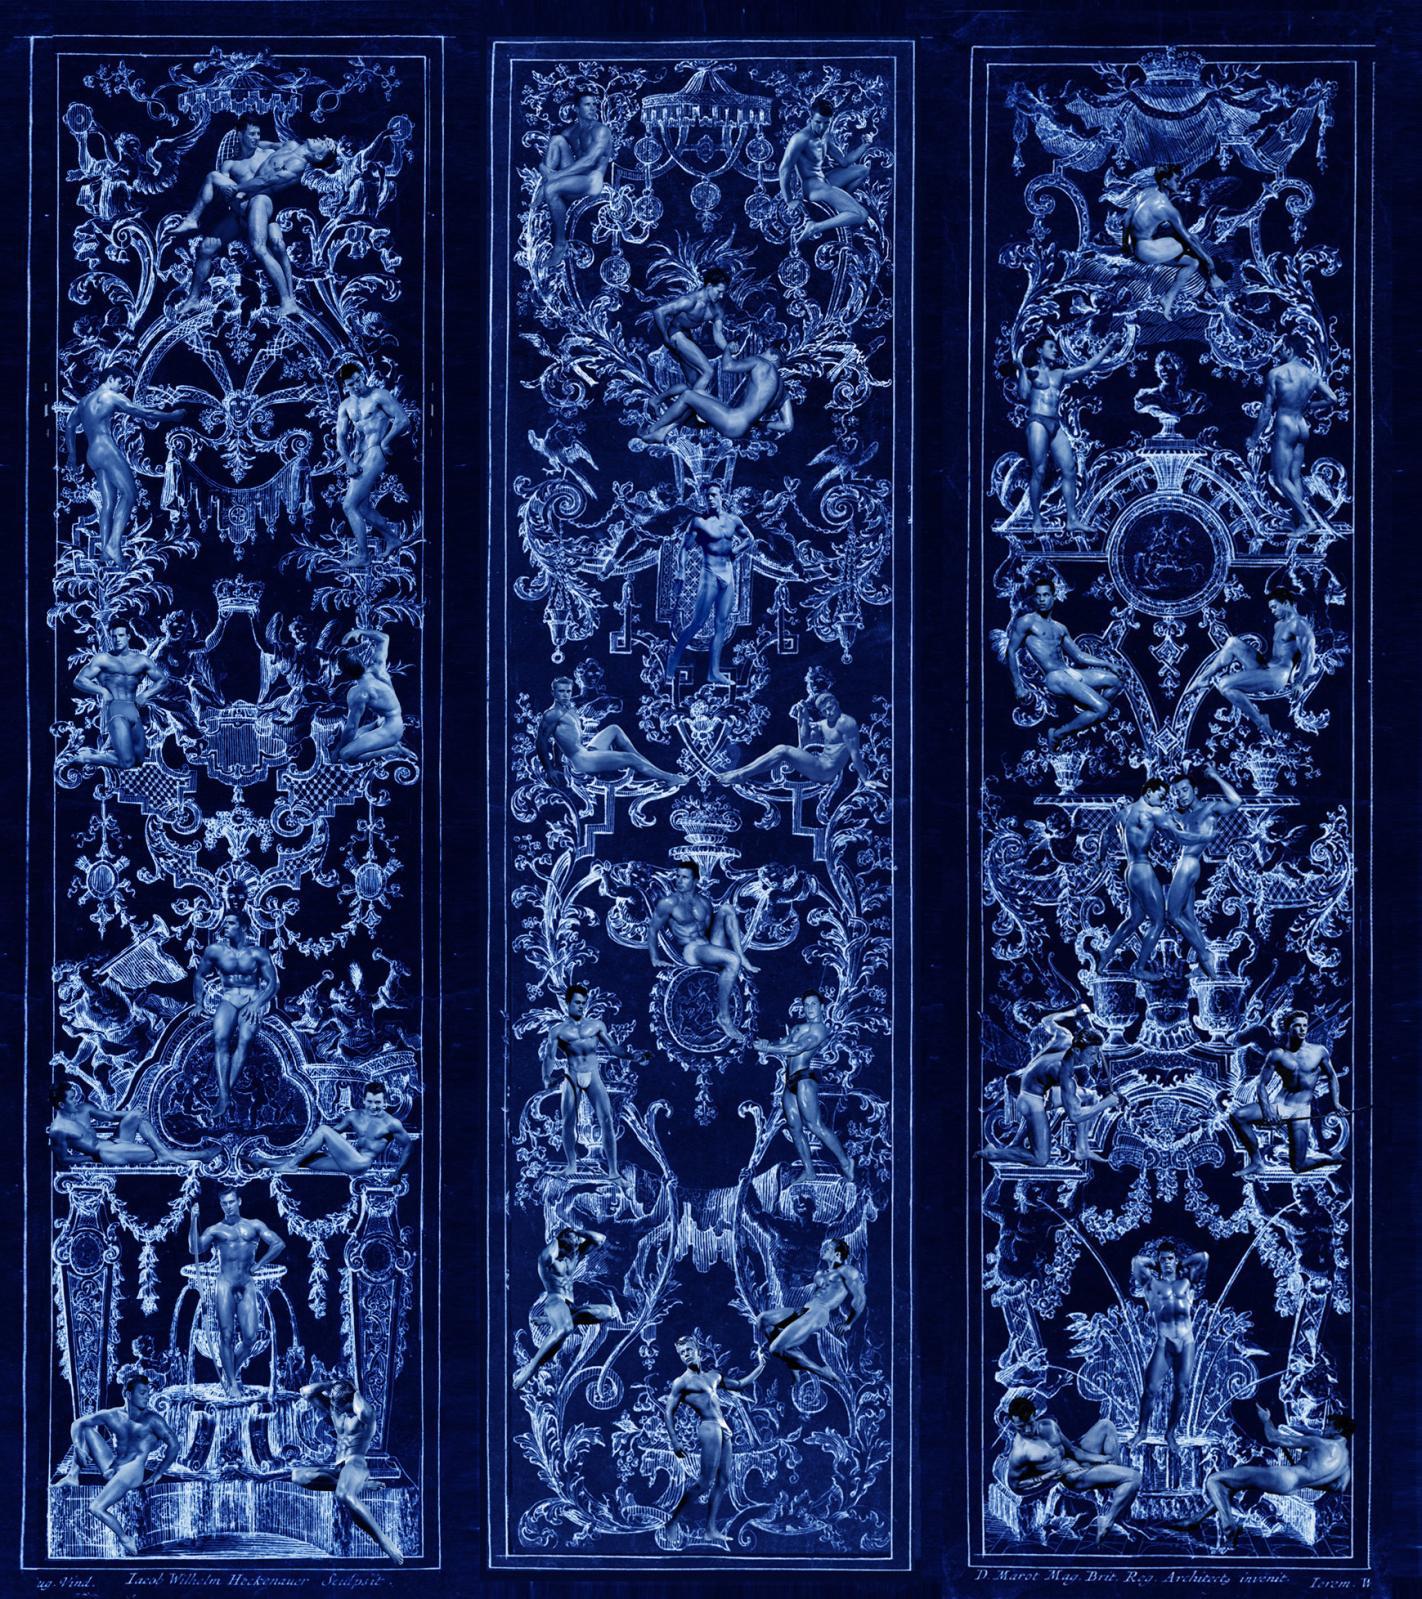 Papier peint, impression numérique, conçu par Jean-Louis Gaillemin. DR